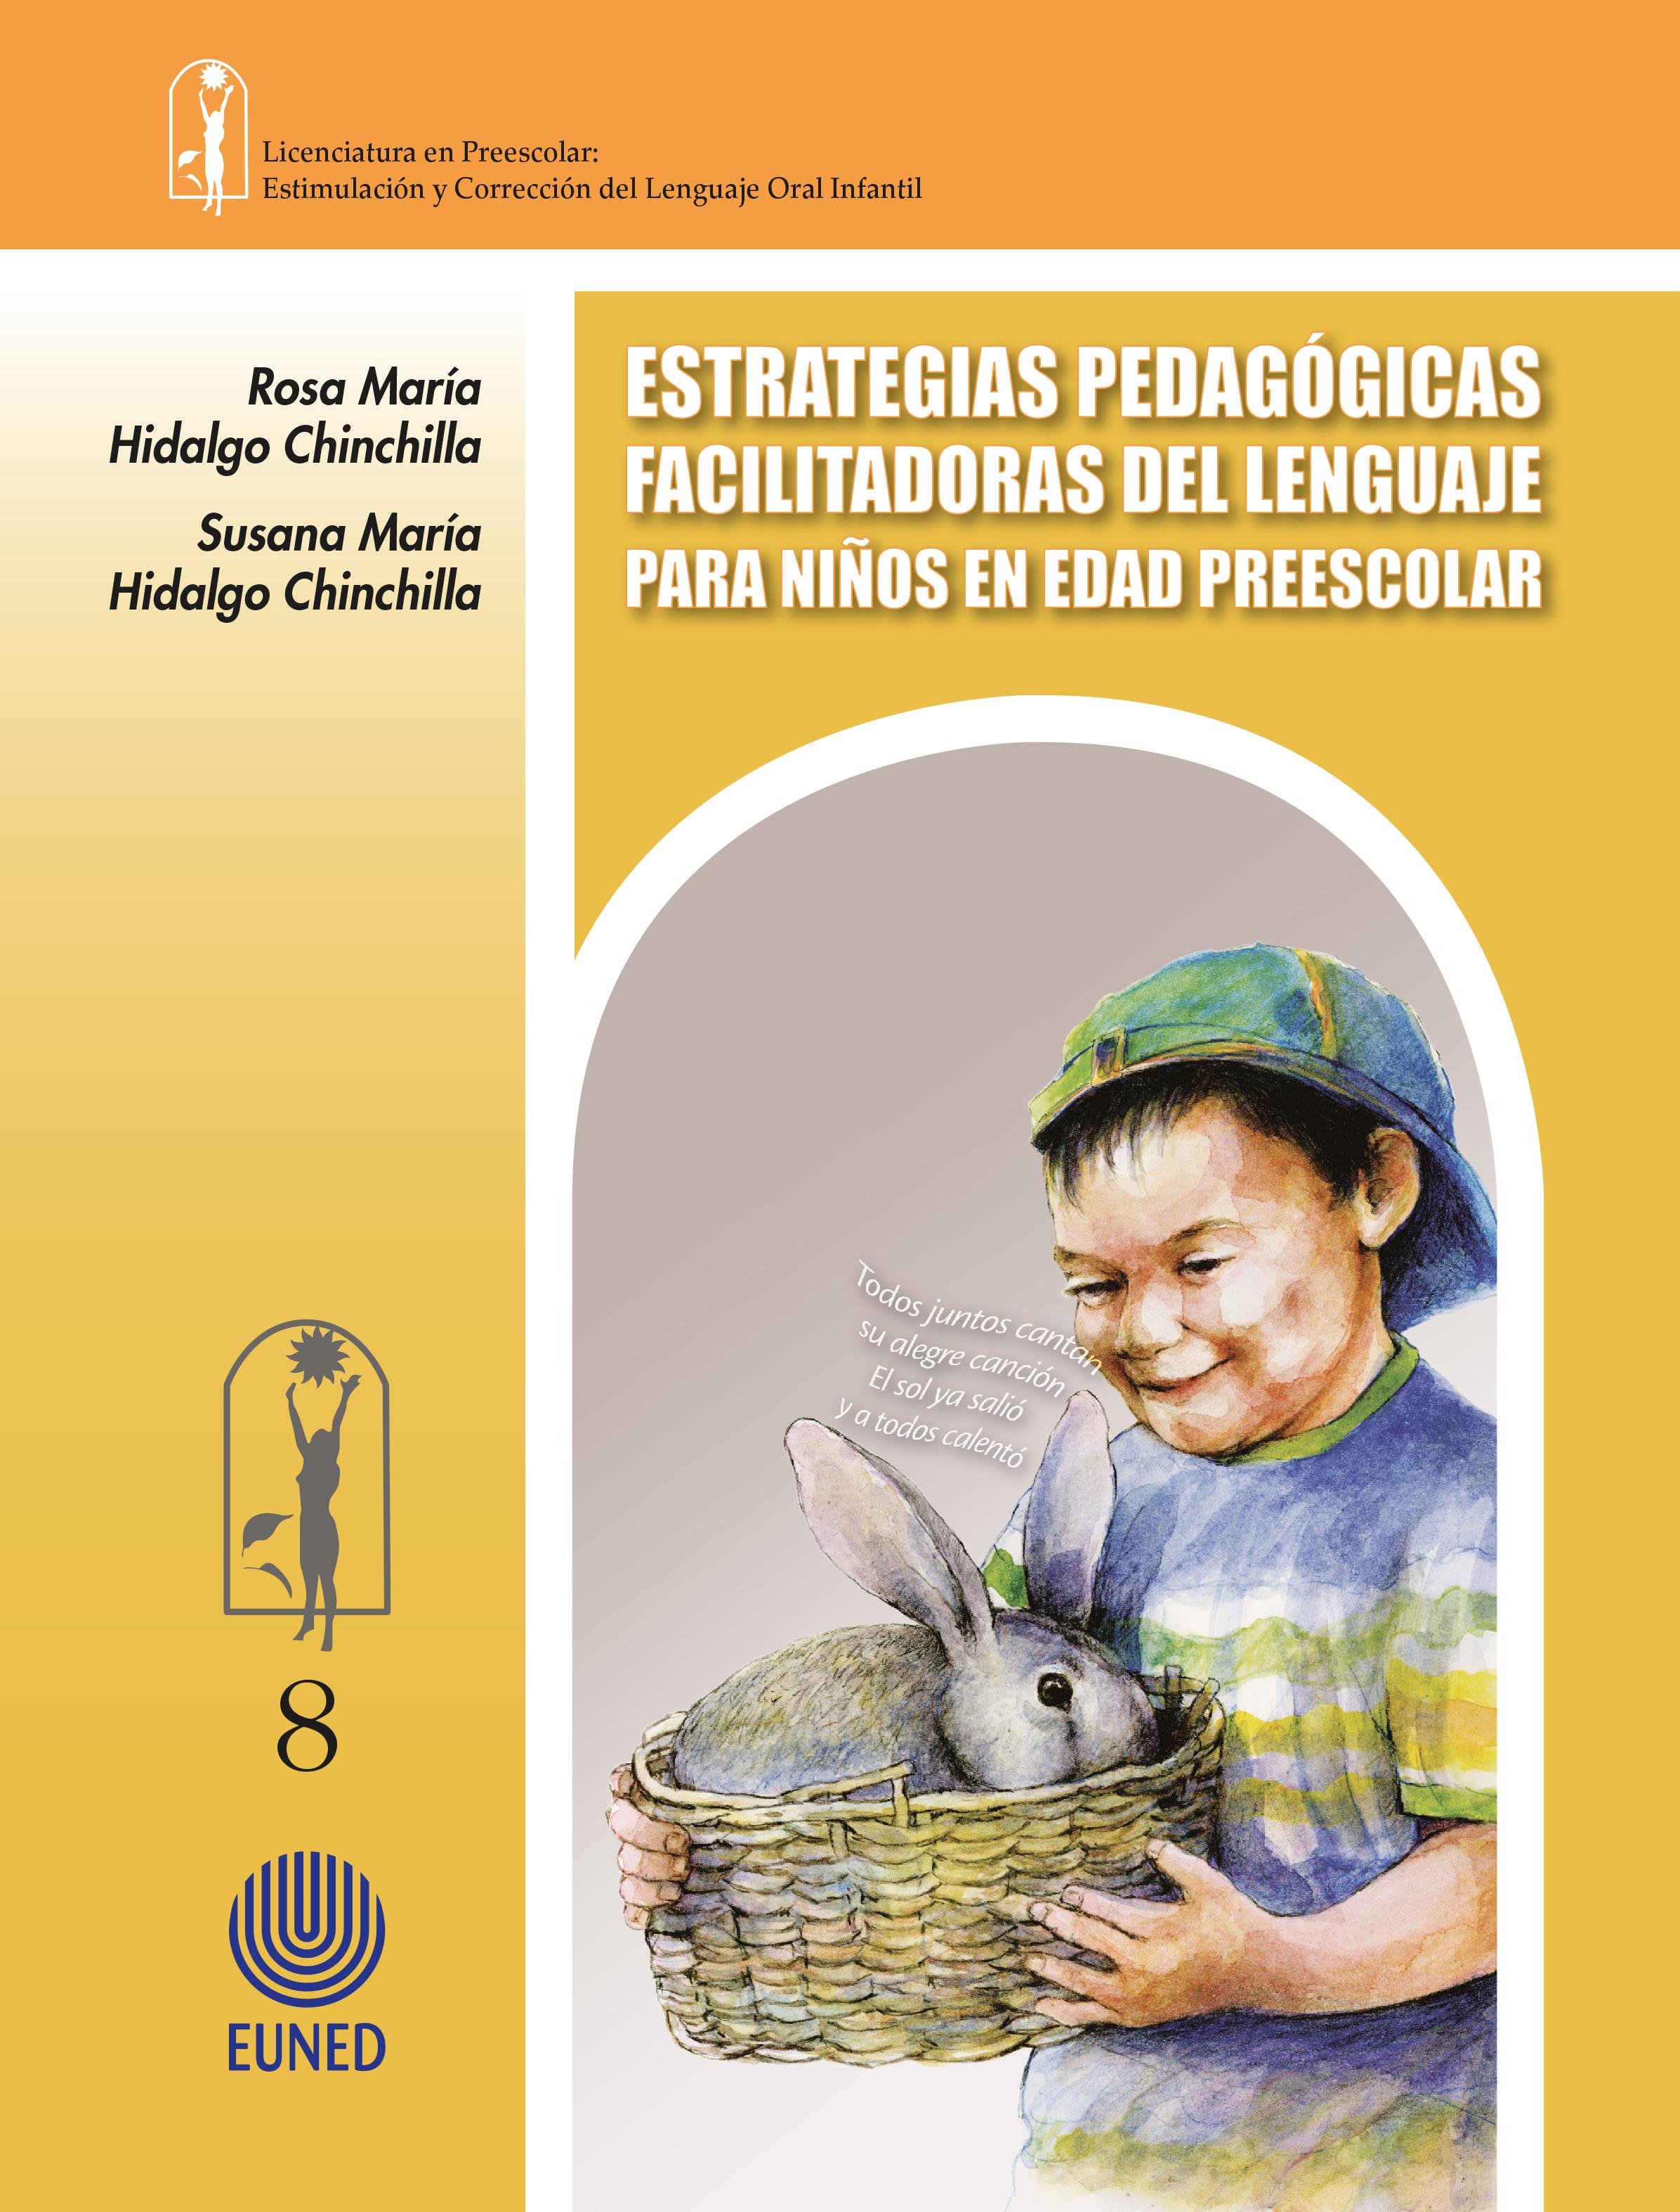 Estrategias pedagógicas facilitadoras del lenguaje para niños en edad preescolar